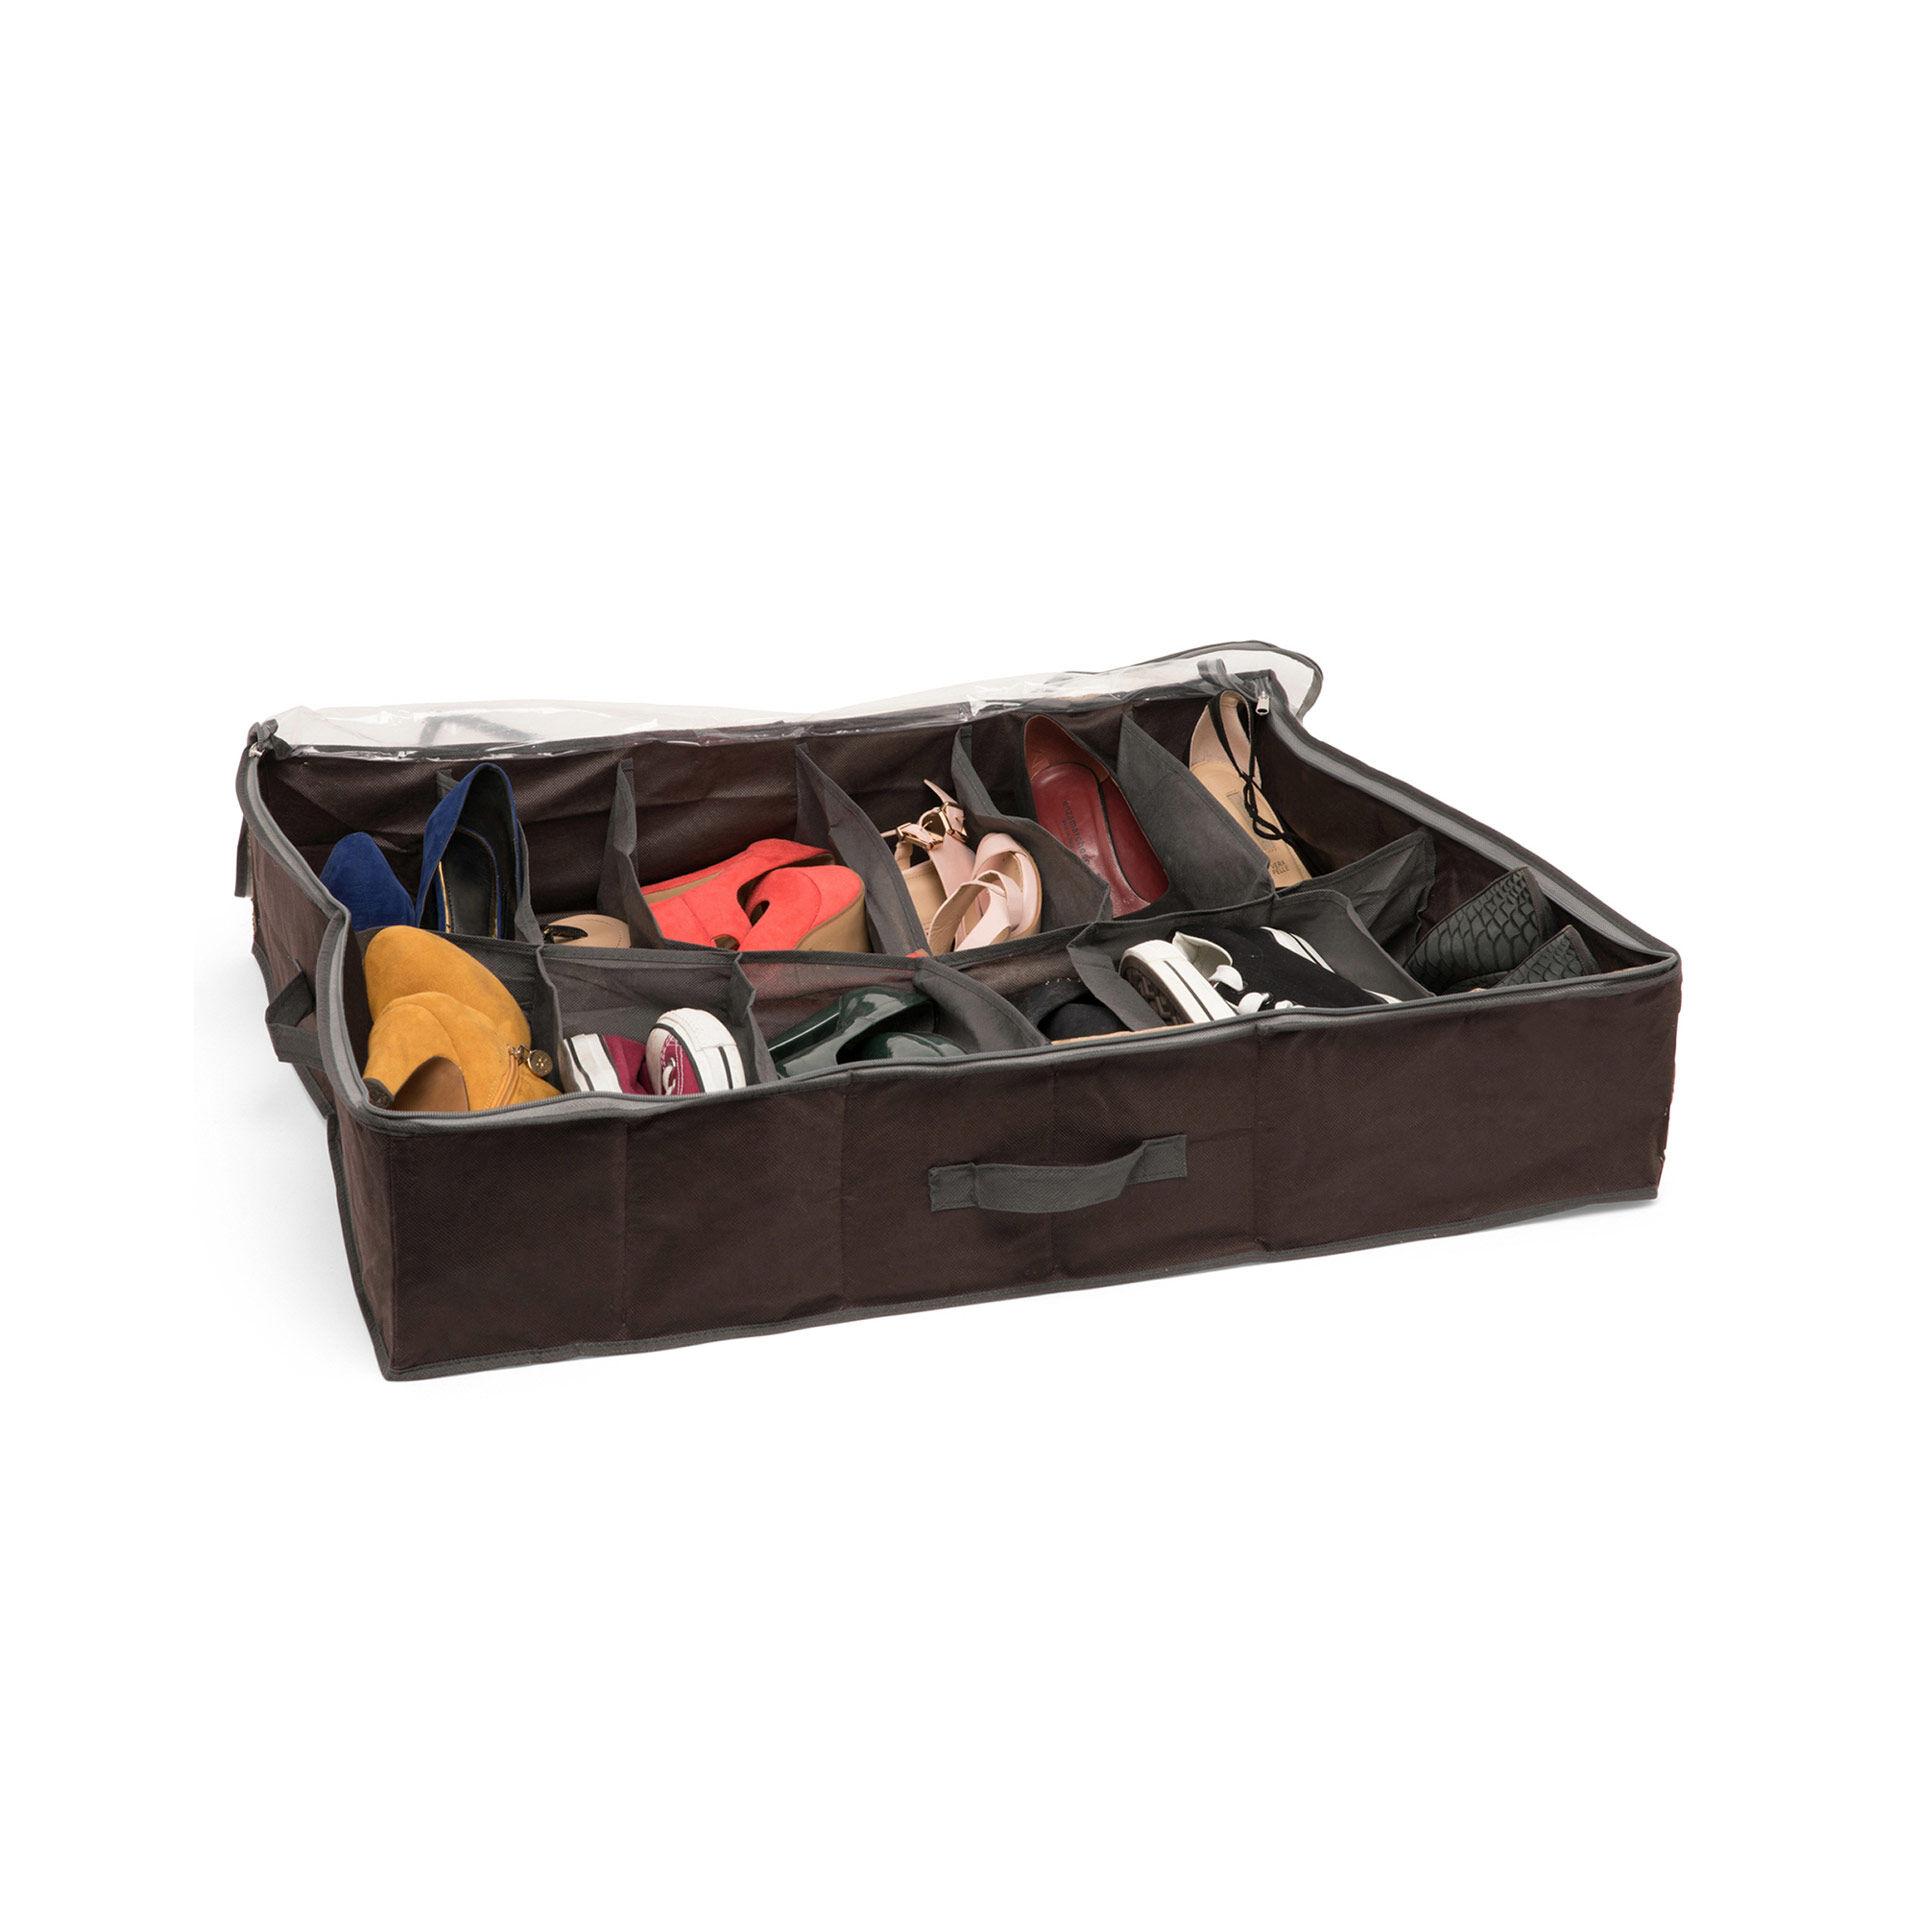 Boîte de rangement pour chaussures sous le lit, , large